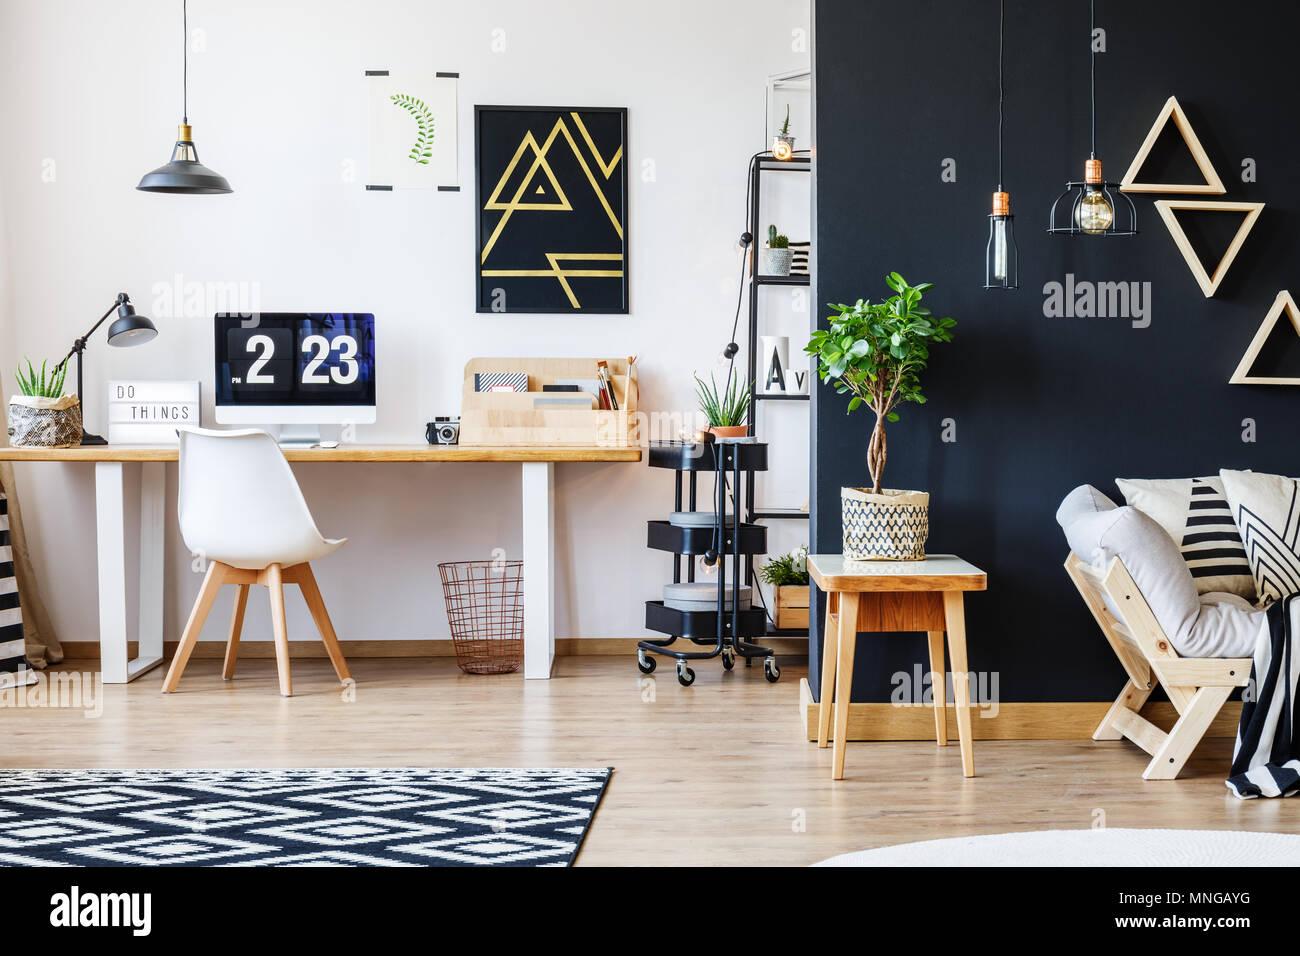 Nordic naturale degli interni in stile studio aperto per un freelancer con divano, muro nero e spazio in ufficio con scrivania e accento nero Immagini Stock